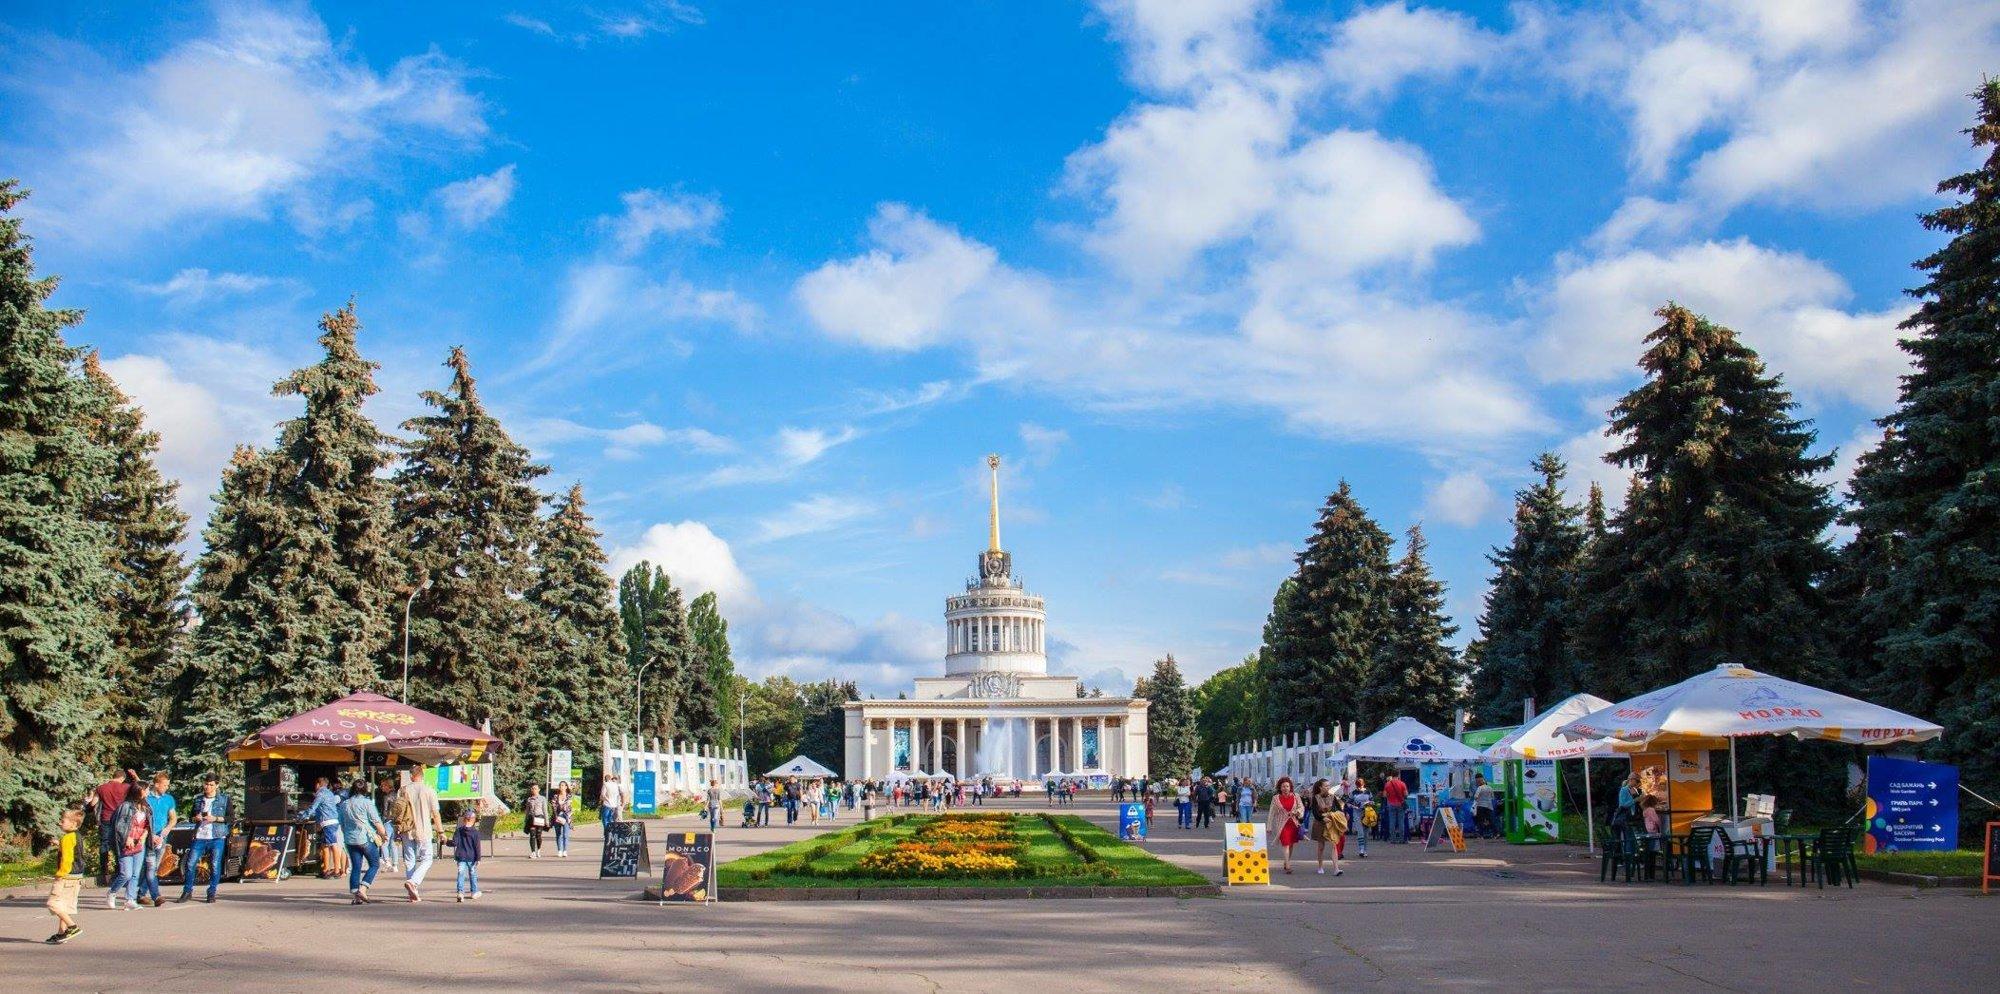 🚇 Підземний перехід від метро до ВДНГ: Київський метрополітен домовився про будівництво